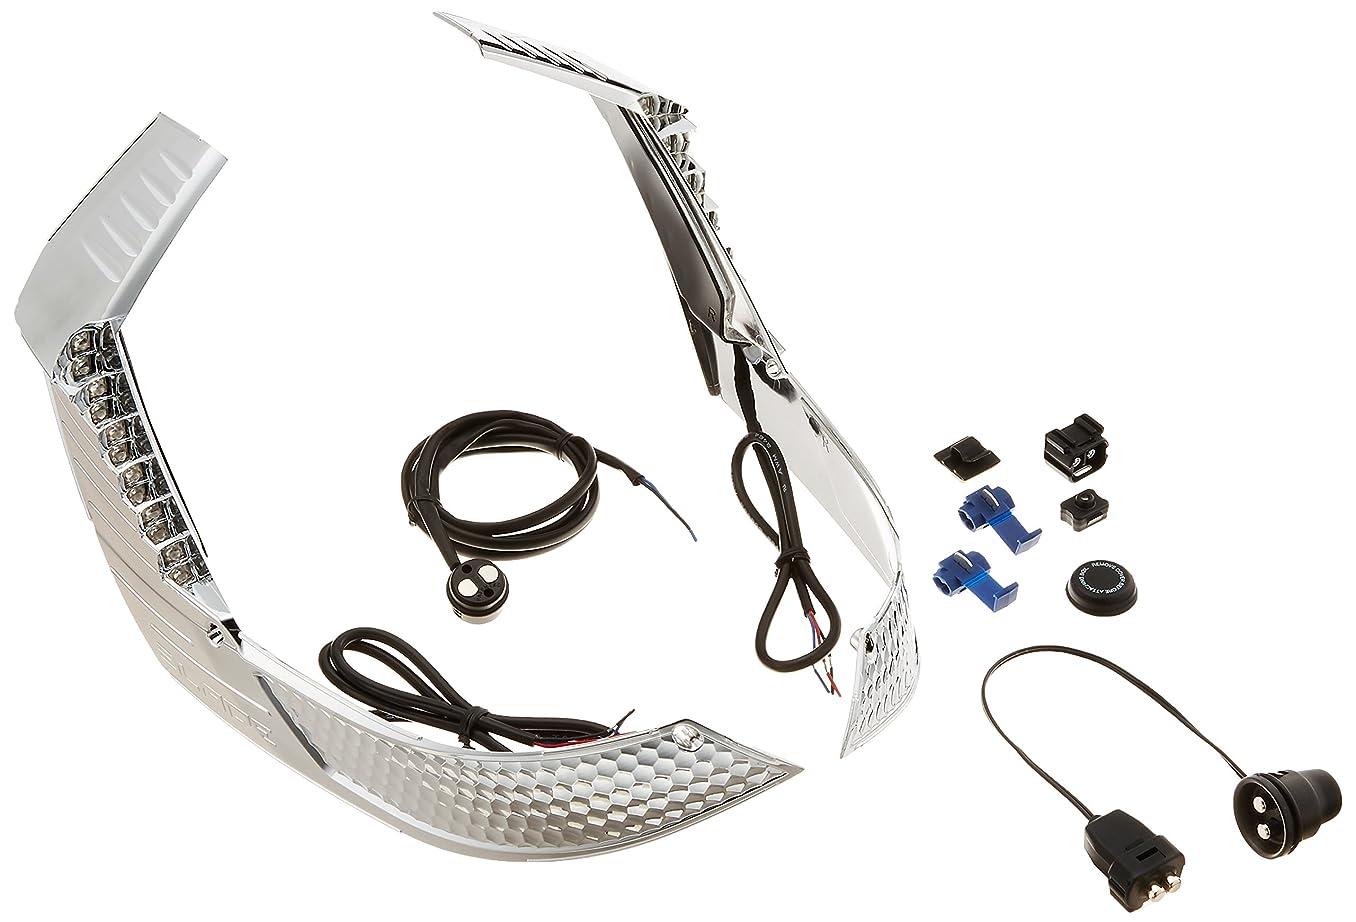 電球デコラティブ遅れCamelight最新モデル 青色光付き CCFLバイク用LEDヘッドライトH4 / HS1 Hi/Lo直流 DC 12V / 24V汎用ホワイトライト6000K(青色)